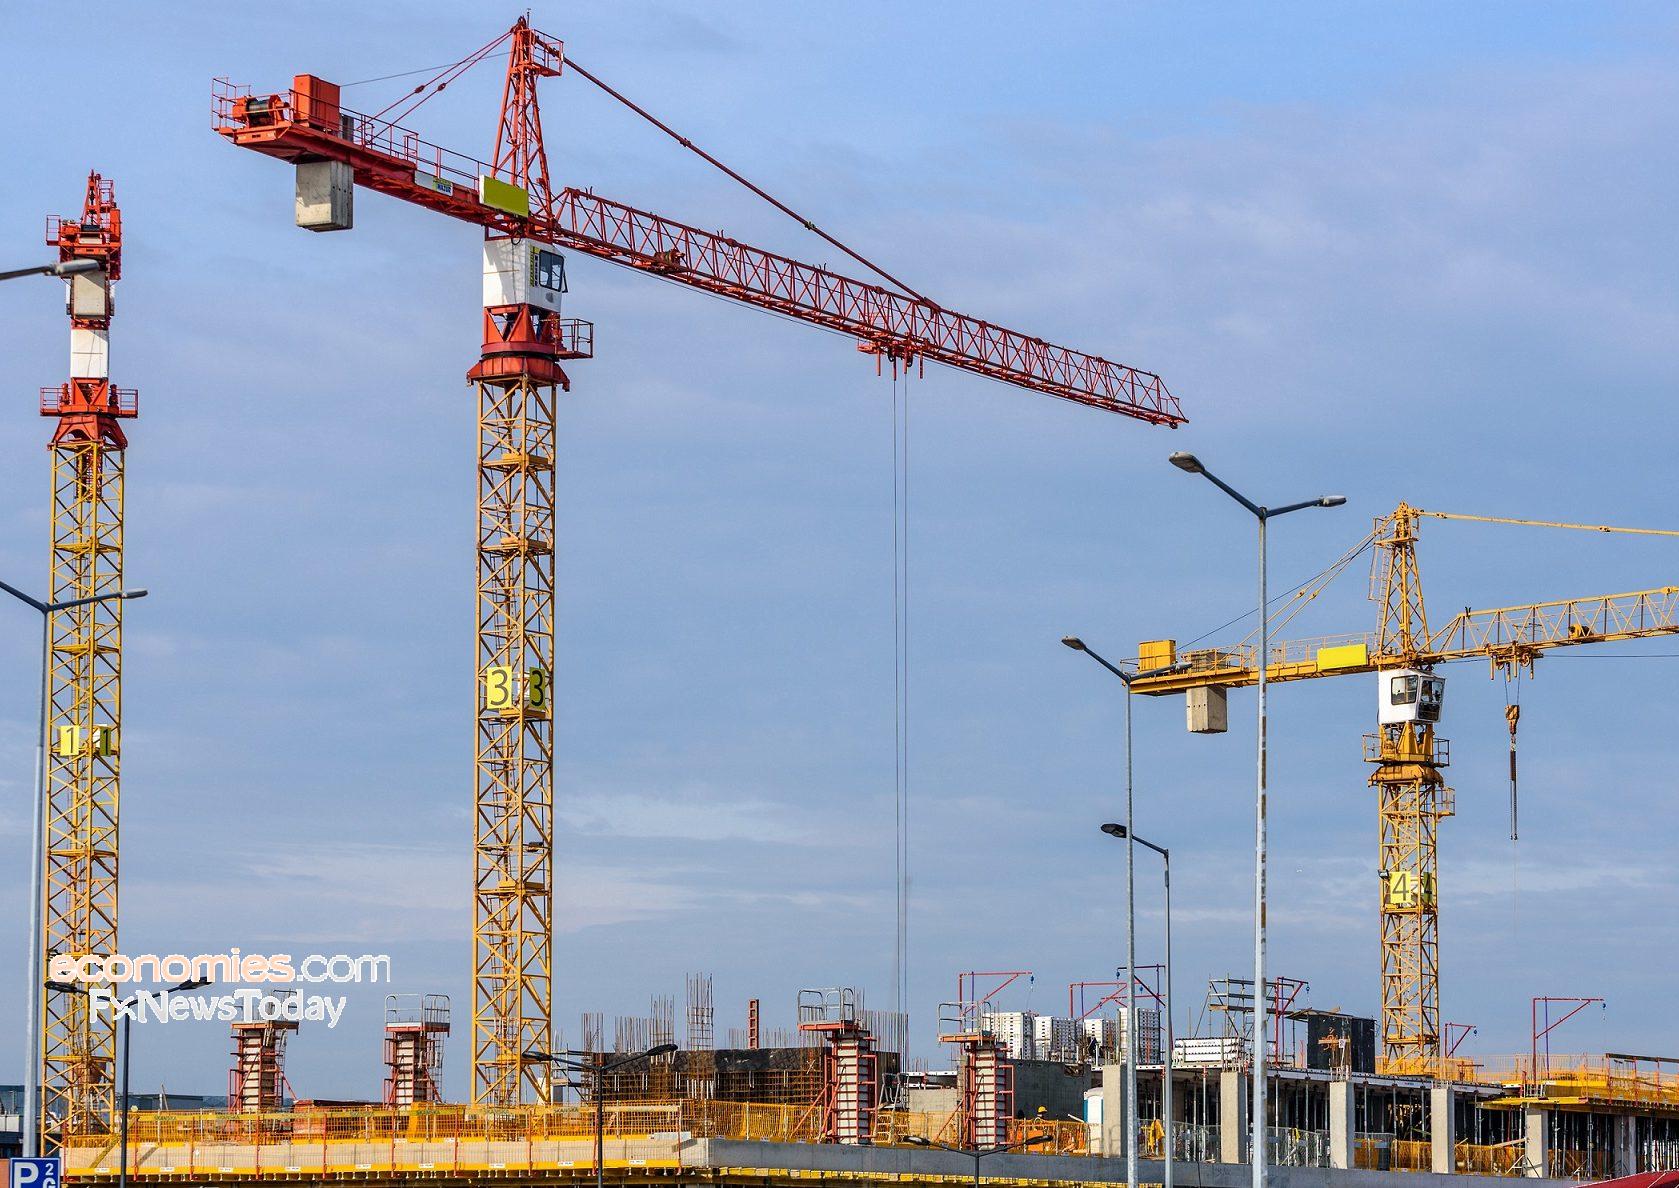 """الوطنية للبناء تُمدد مذكرة تفاهم للاستحواذ على """"اتحاد الخرج لسبك المعادن"""" و""""الألمانية للصناعة"""""""